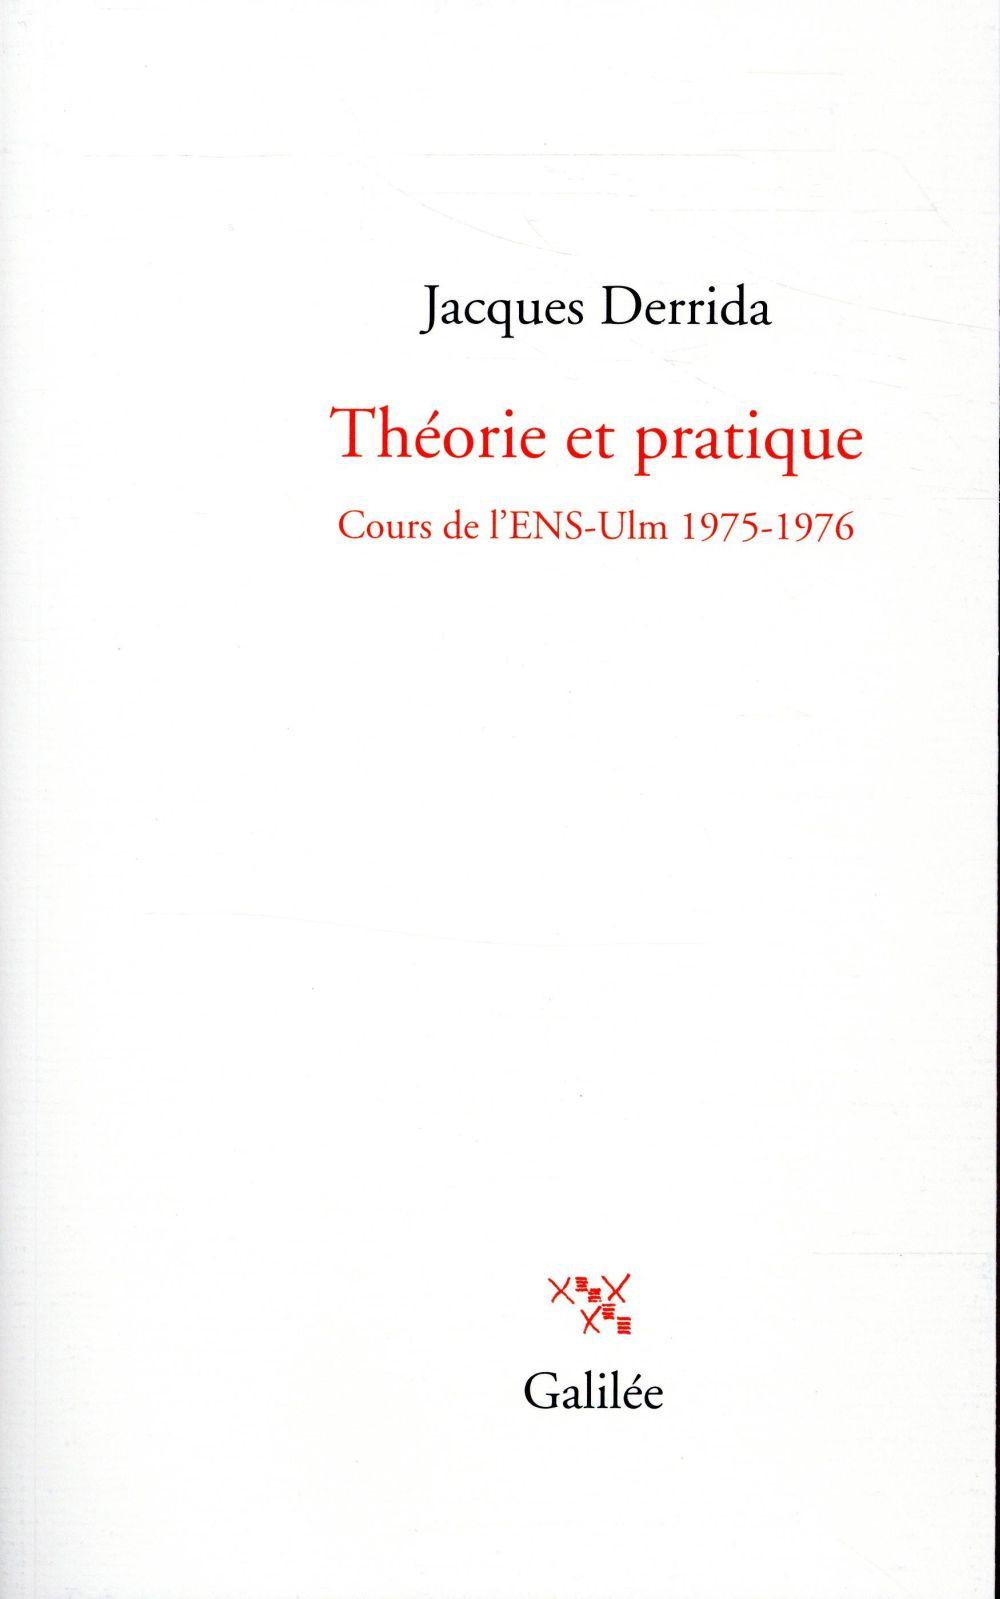 Théorie et pratique ; cours de l'ENS-Ulm 1975-1976